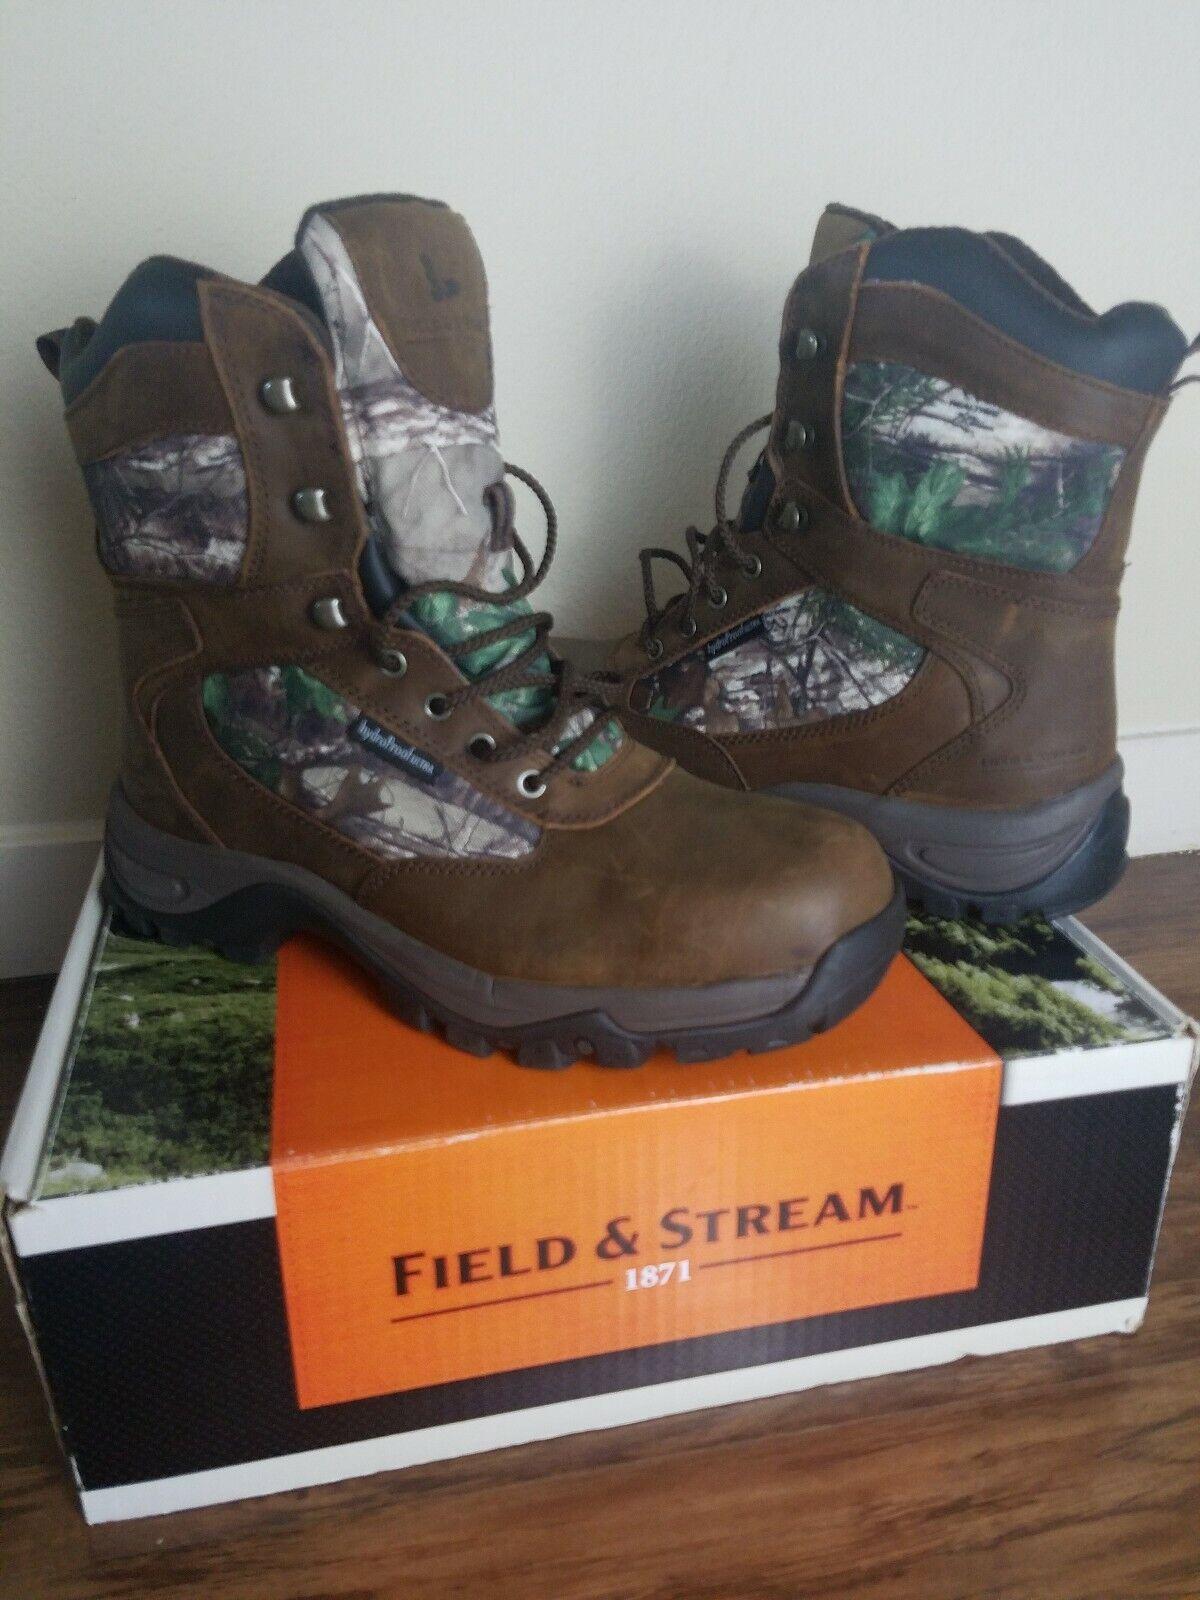 Field Stream et chaussures de chasse 11 Camo boisshomme Realtree Imperméable Champ